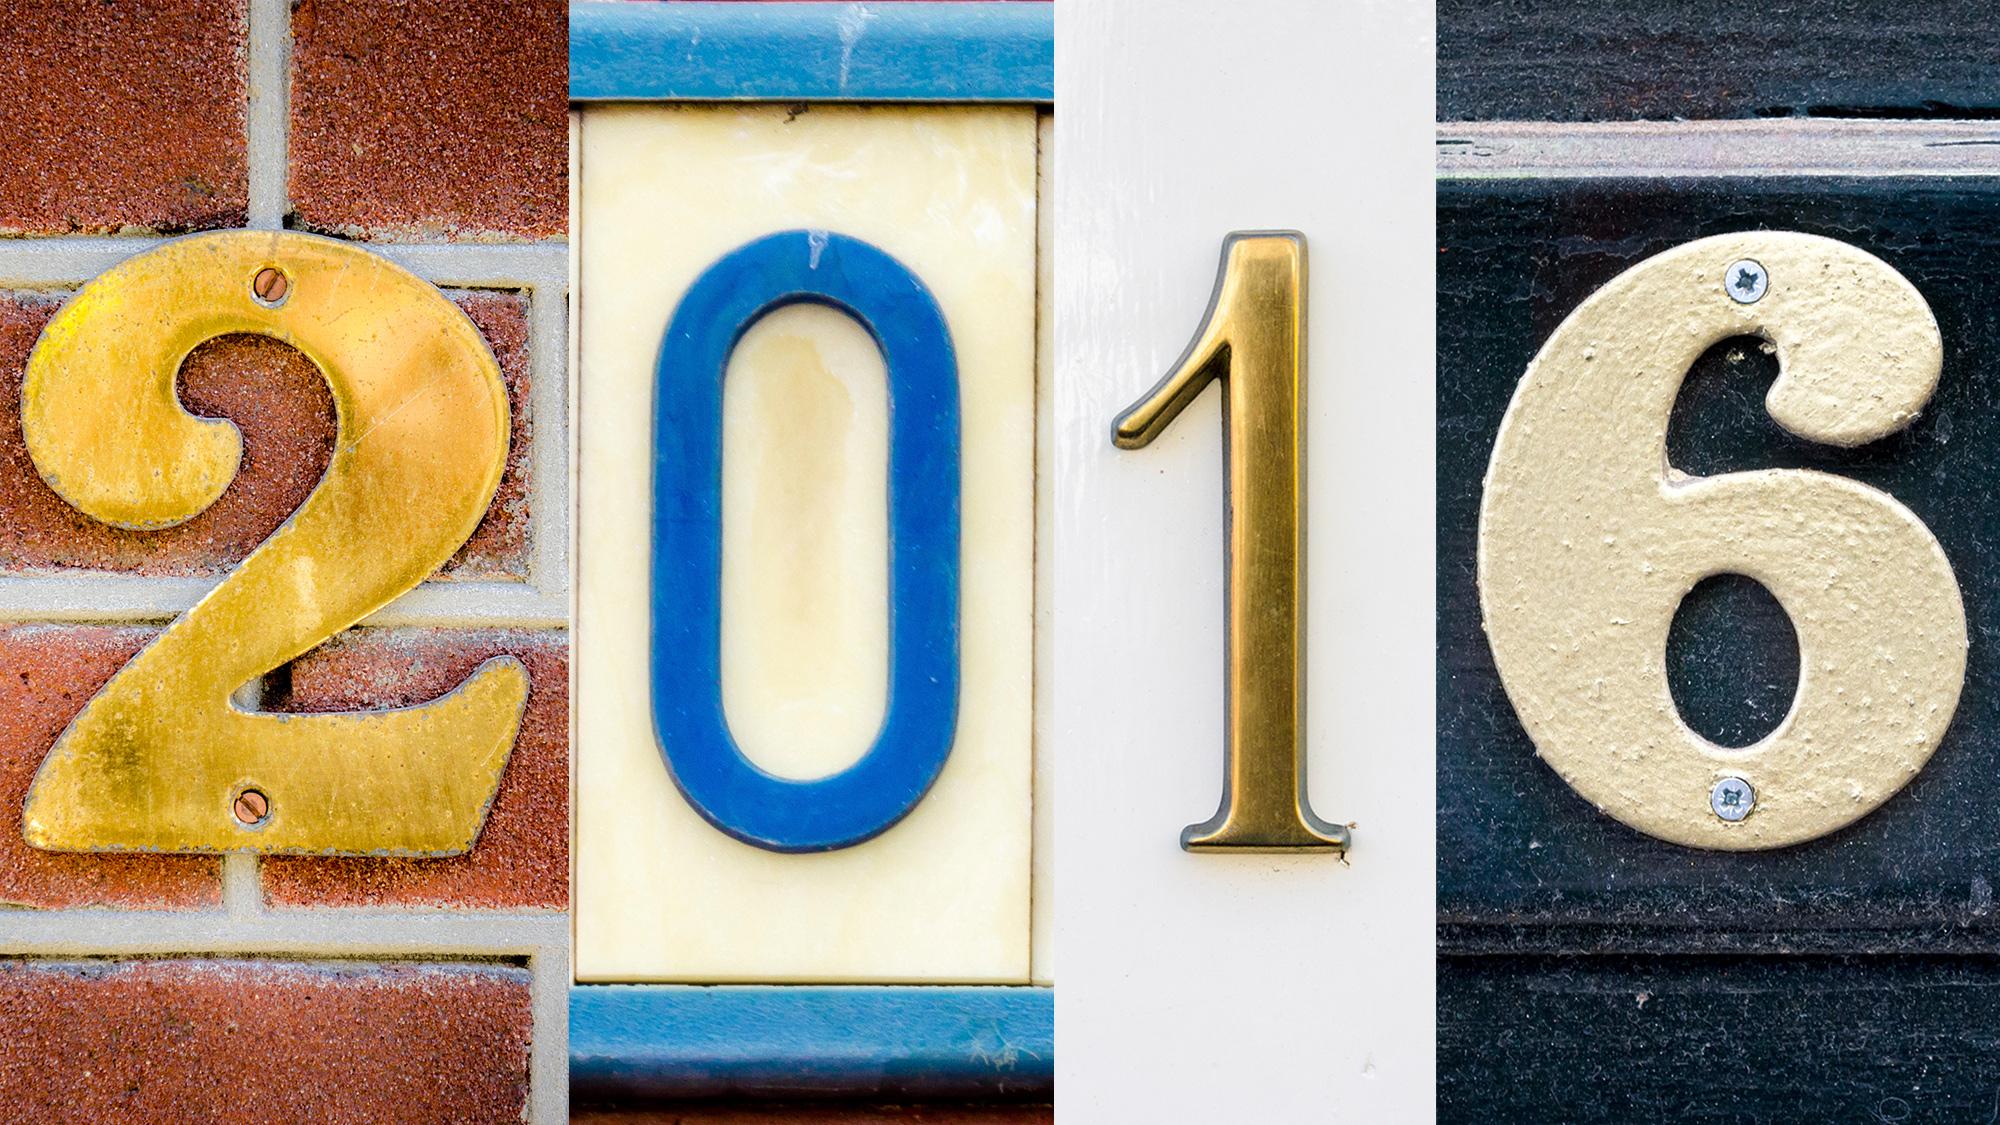 IdealOscar 2016, i fatti e i personaggi di un anno vissuto pericolosamente